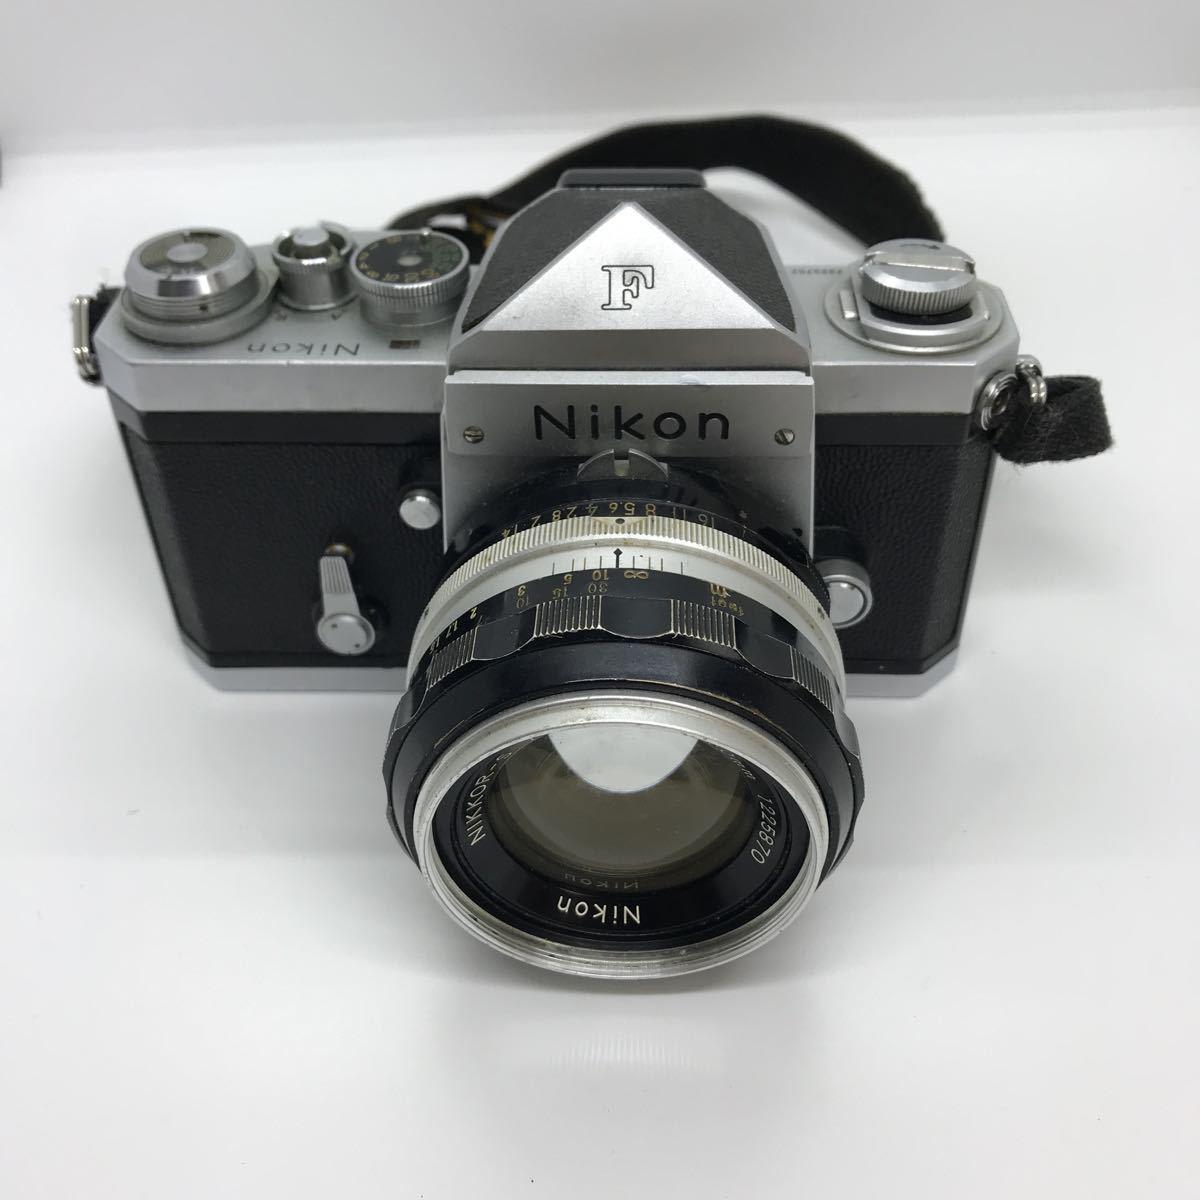 NIKON ニコン F 初期 アイレベル NIKKOR-S 1:1.4 50mm 一眼レフカメラ